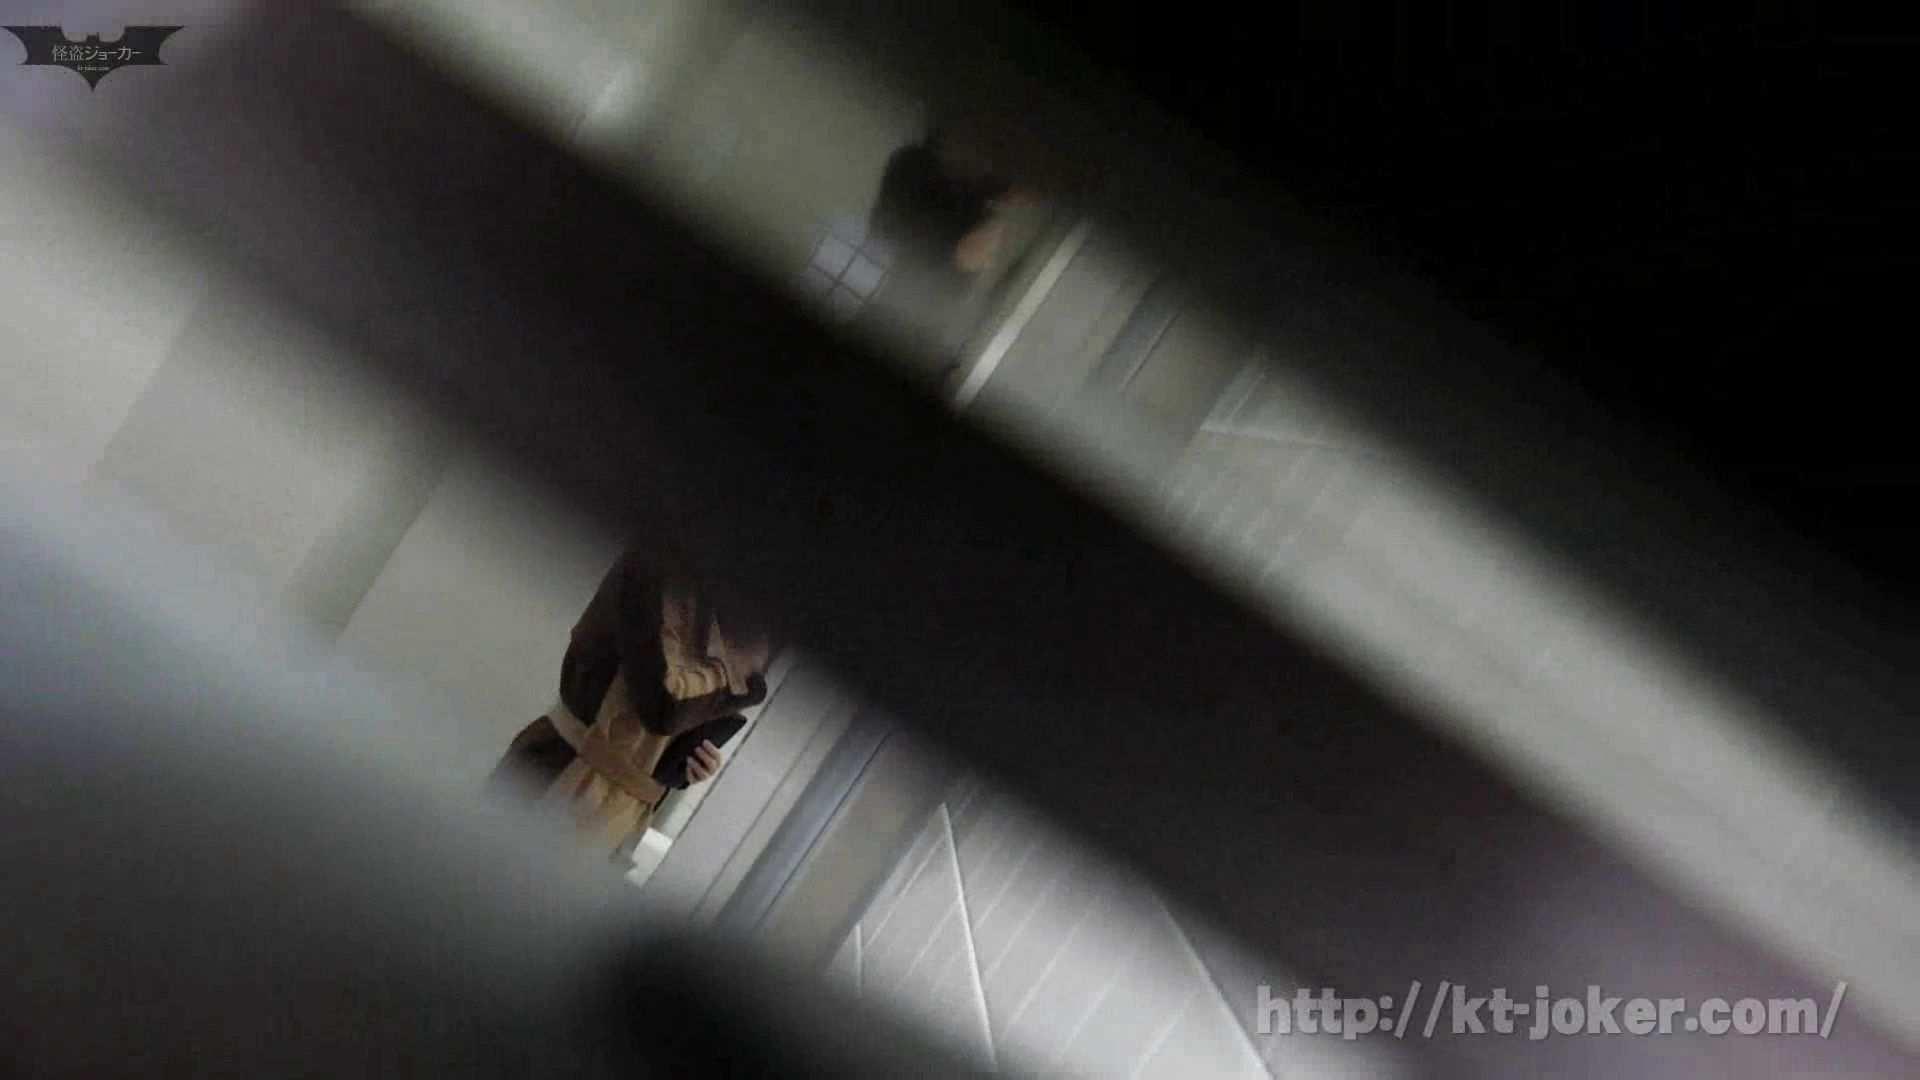 命がけ潜伏洗面所! vol.56 ピンチ!!「鏡の前で祈る女性」にばれる危機 洗面所はめどり  57画像 39